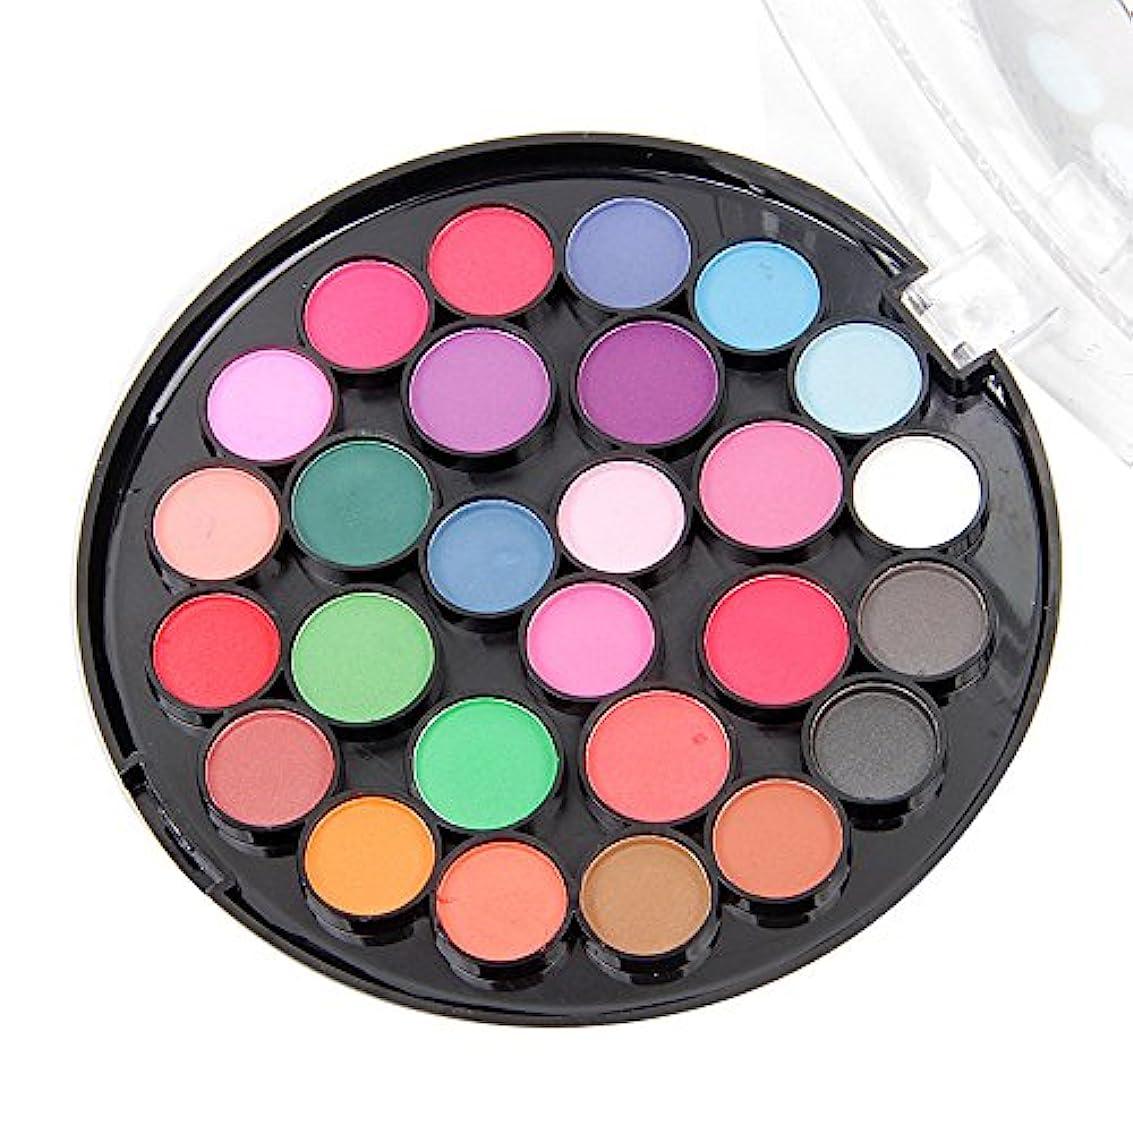 どうやって黒市場Akane アイシャドウパレット MISS ROSE ファッション マット 綺麗 防水 優雅な 人気 美しい 真珠光沢 つや消し 高級 持ち便利 日常 Eye Shadow (27色)